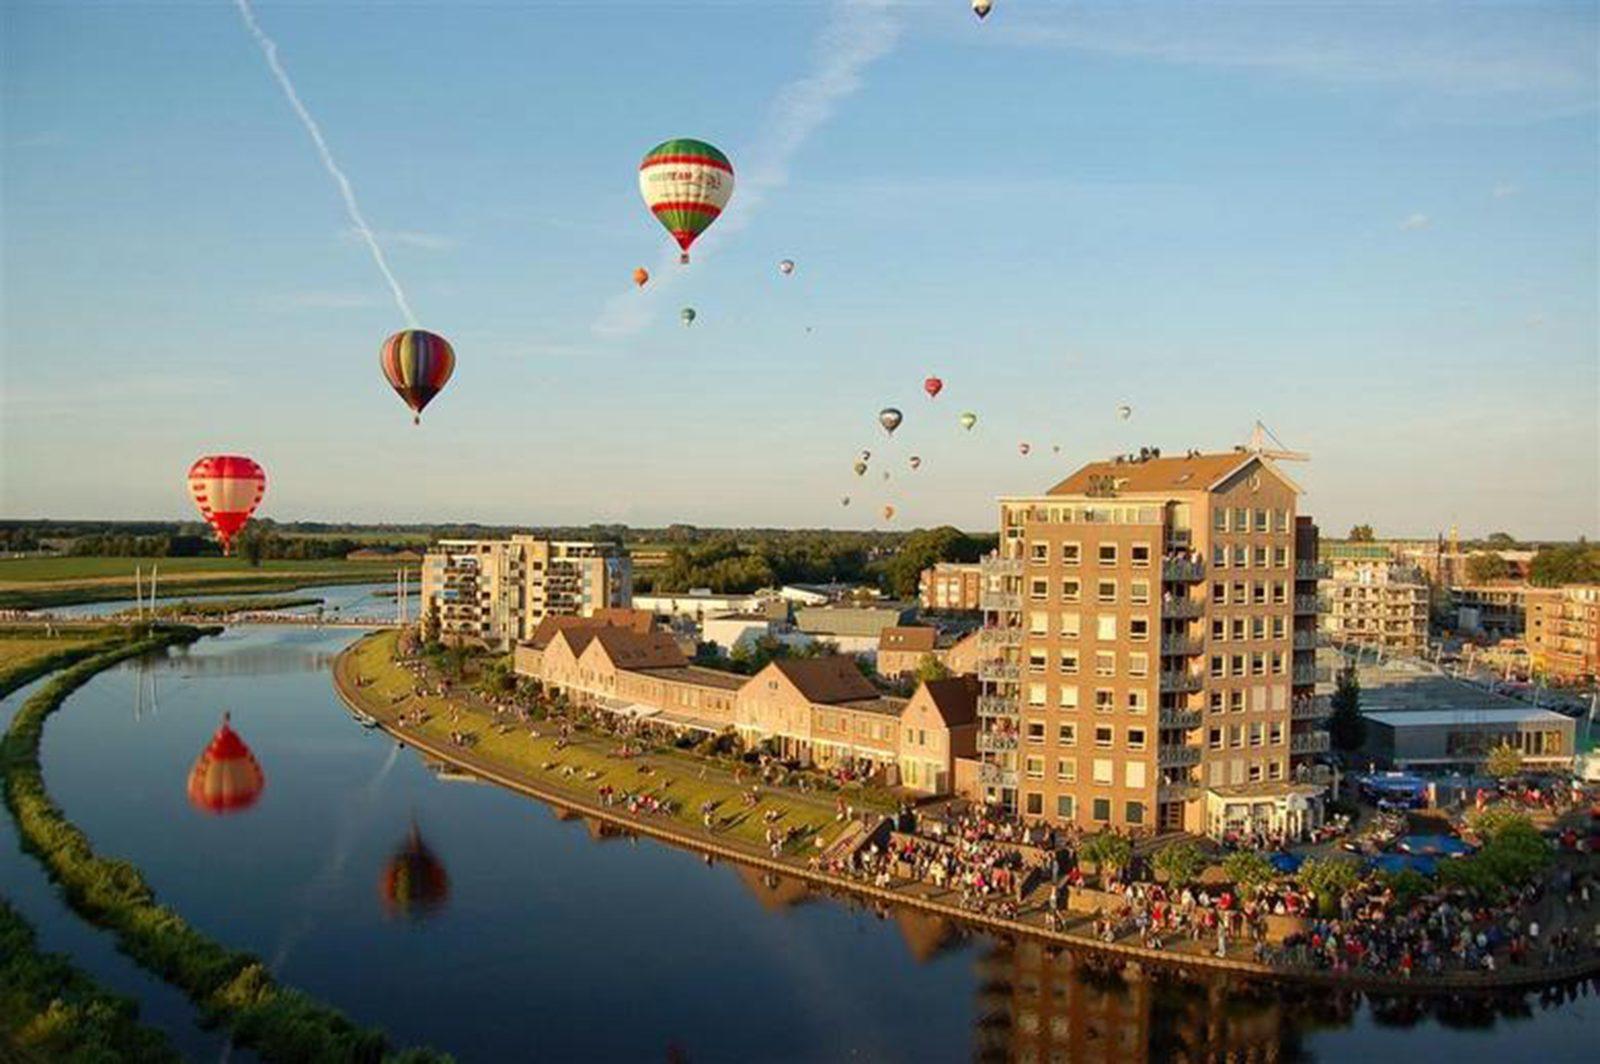 Ballonfestival in Hardenberg